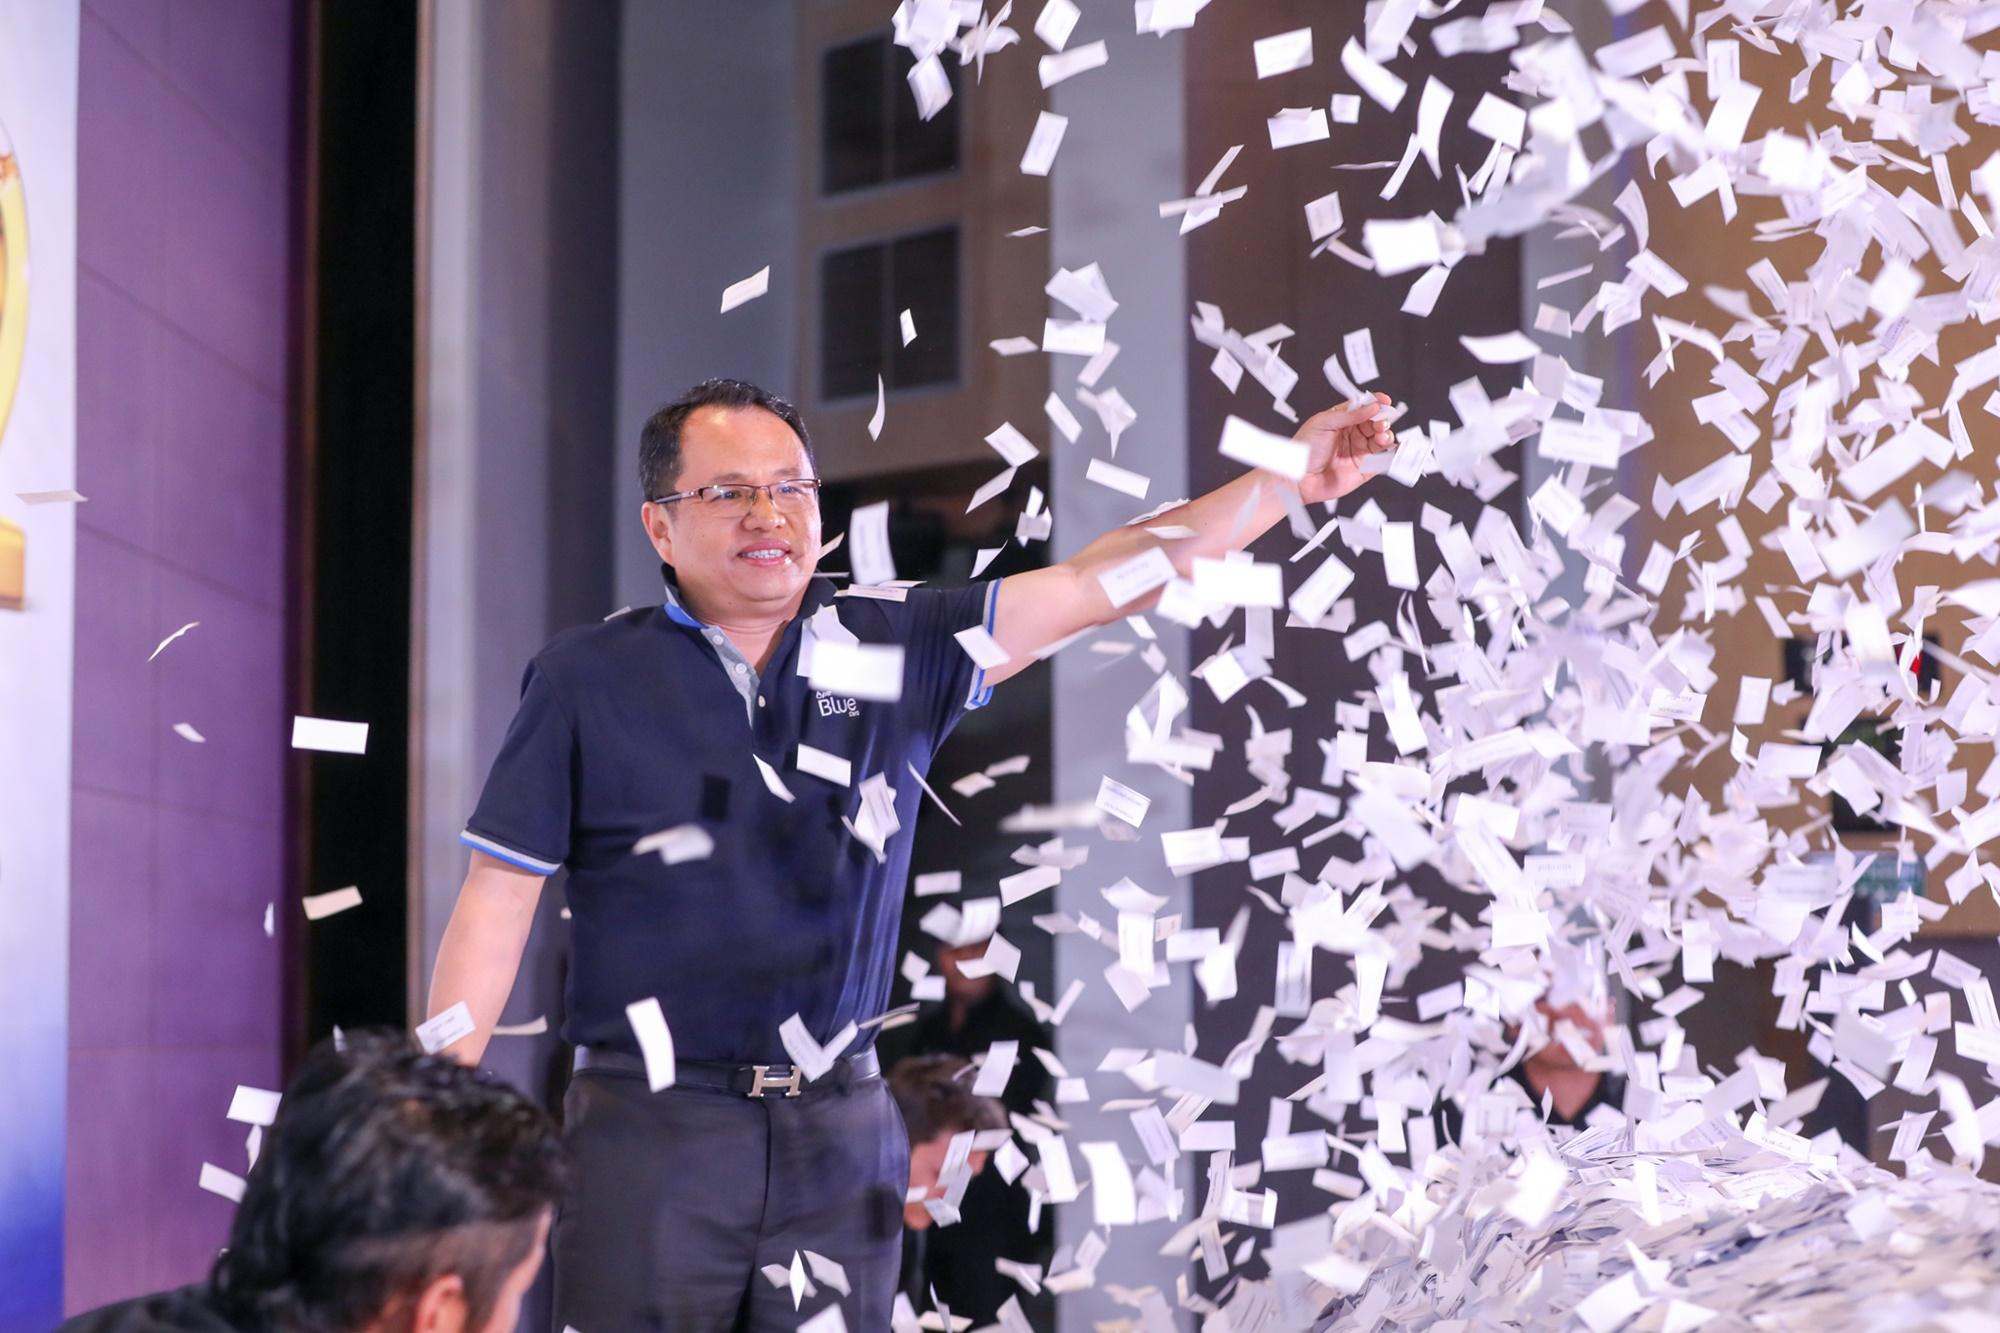 """""""PTT Blue Card มอบโชคใหญ่แก่สมาชิก 150 รางวัล รวมมูลค่ากว่า 2 ล้านบาท"""""""